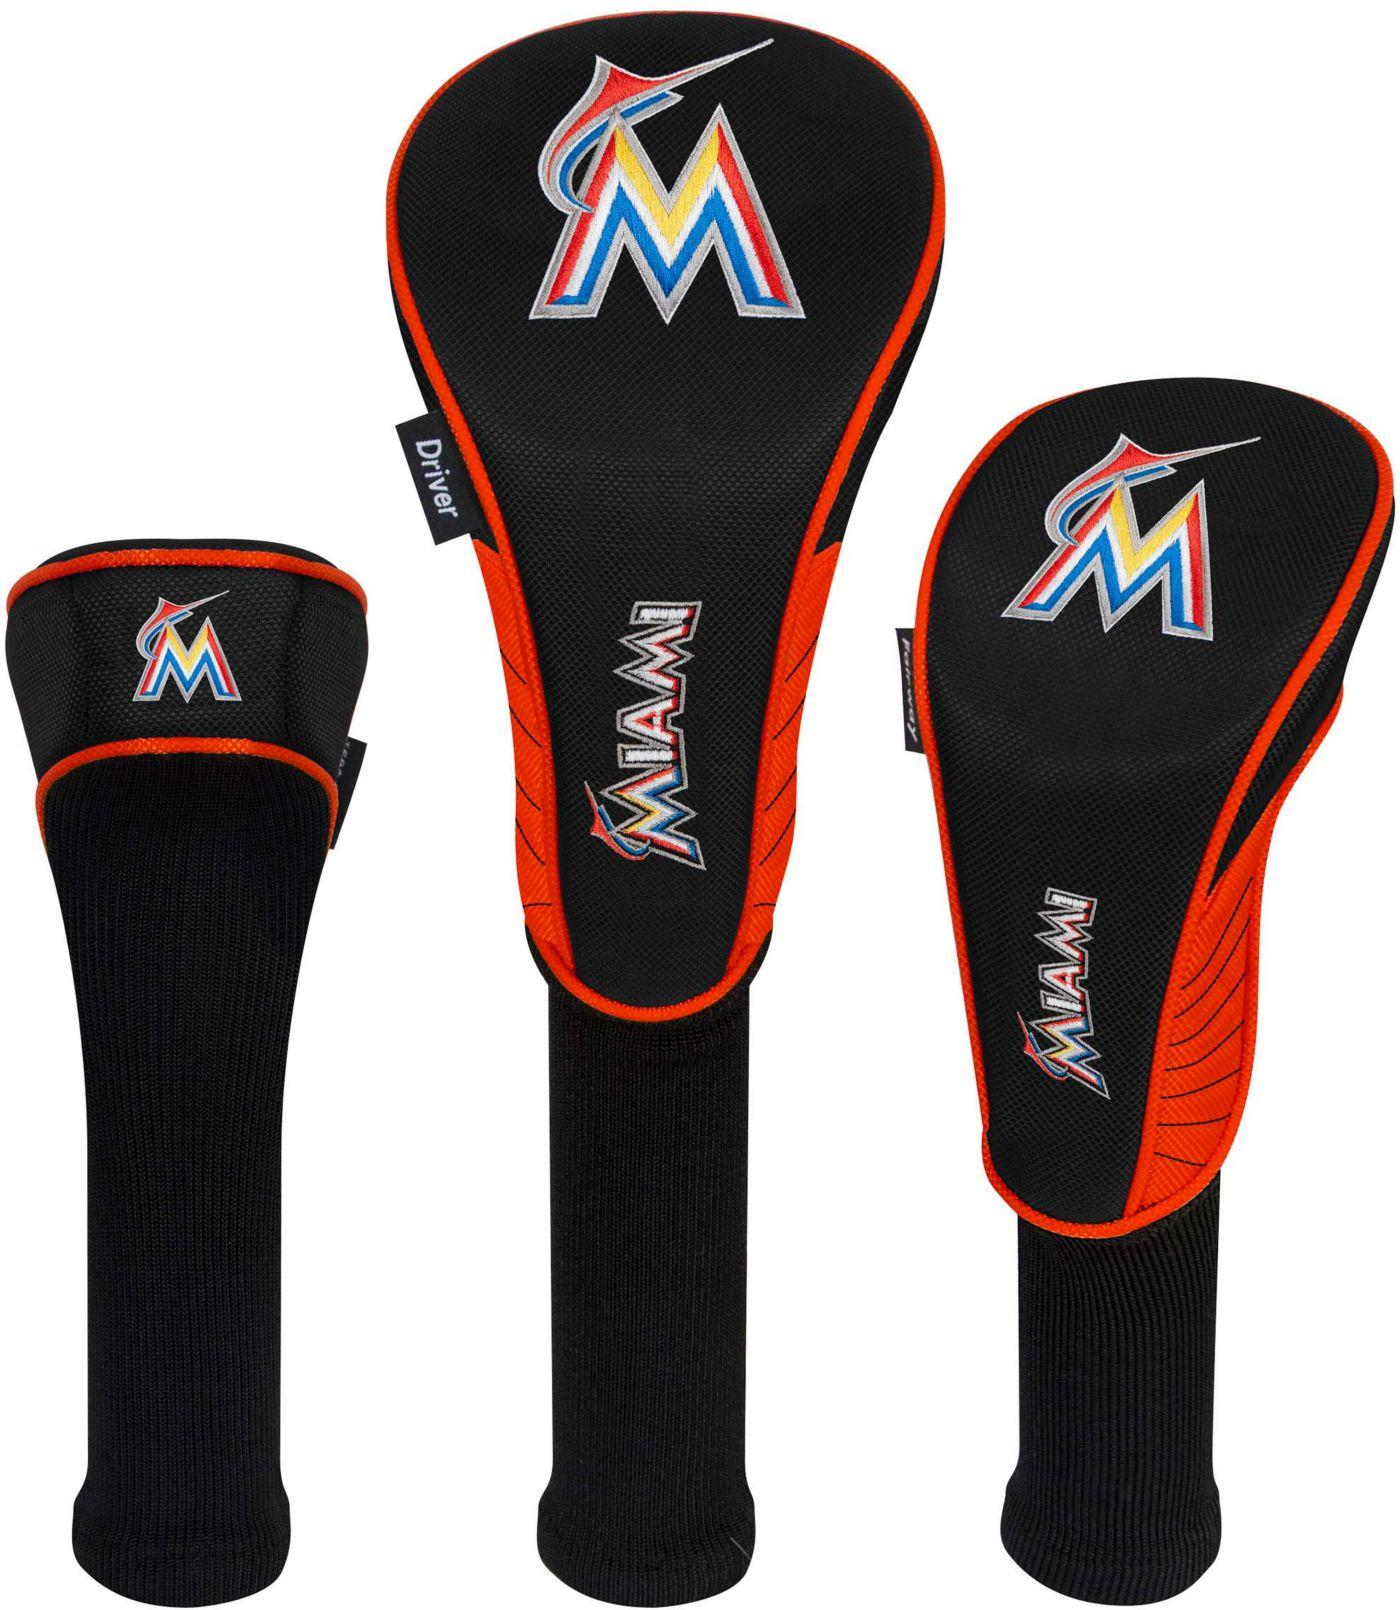 Team Effort Miami Marlins Headcovers - 3 Pack